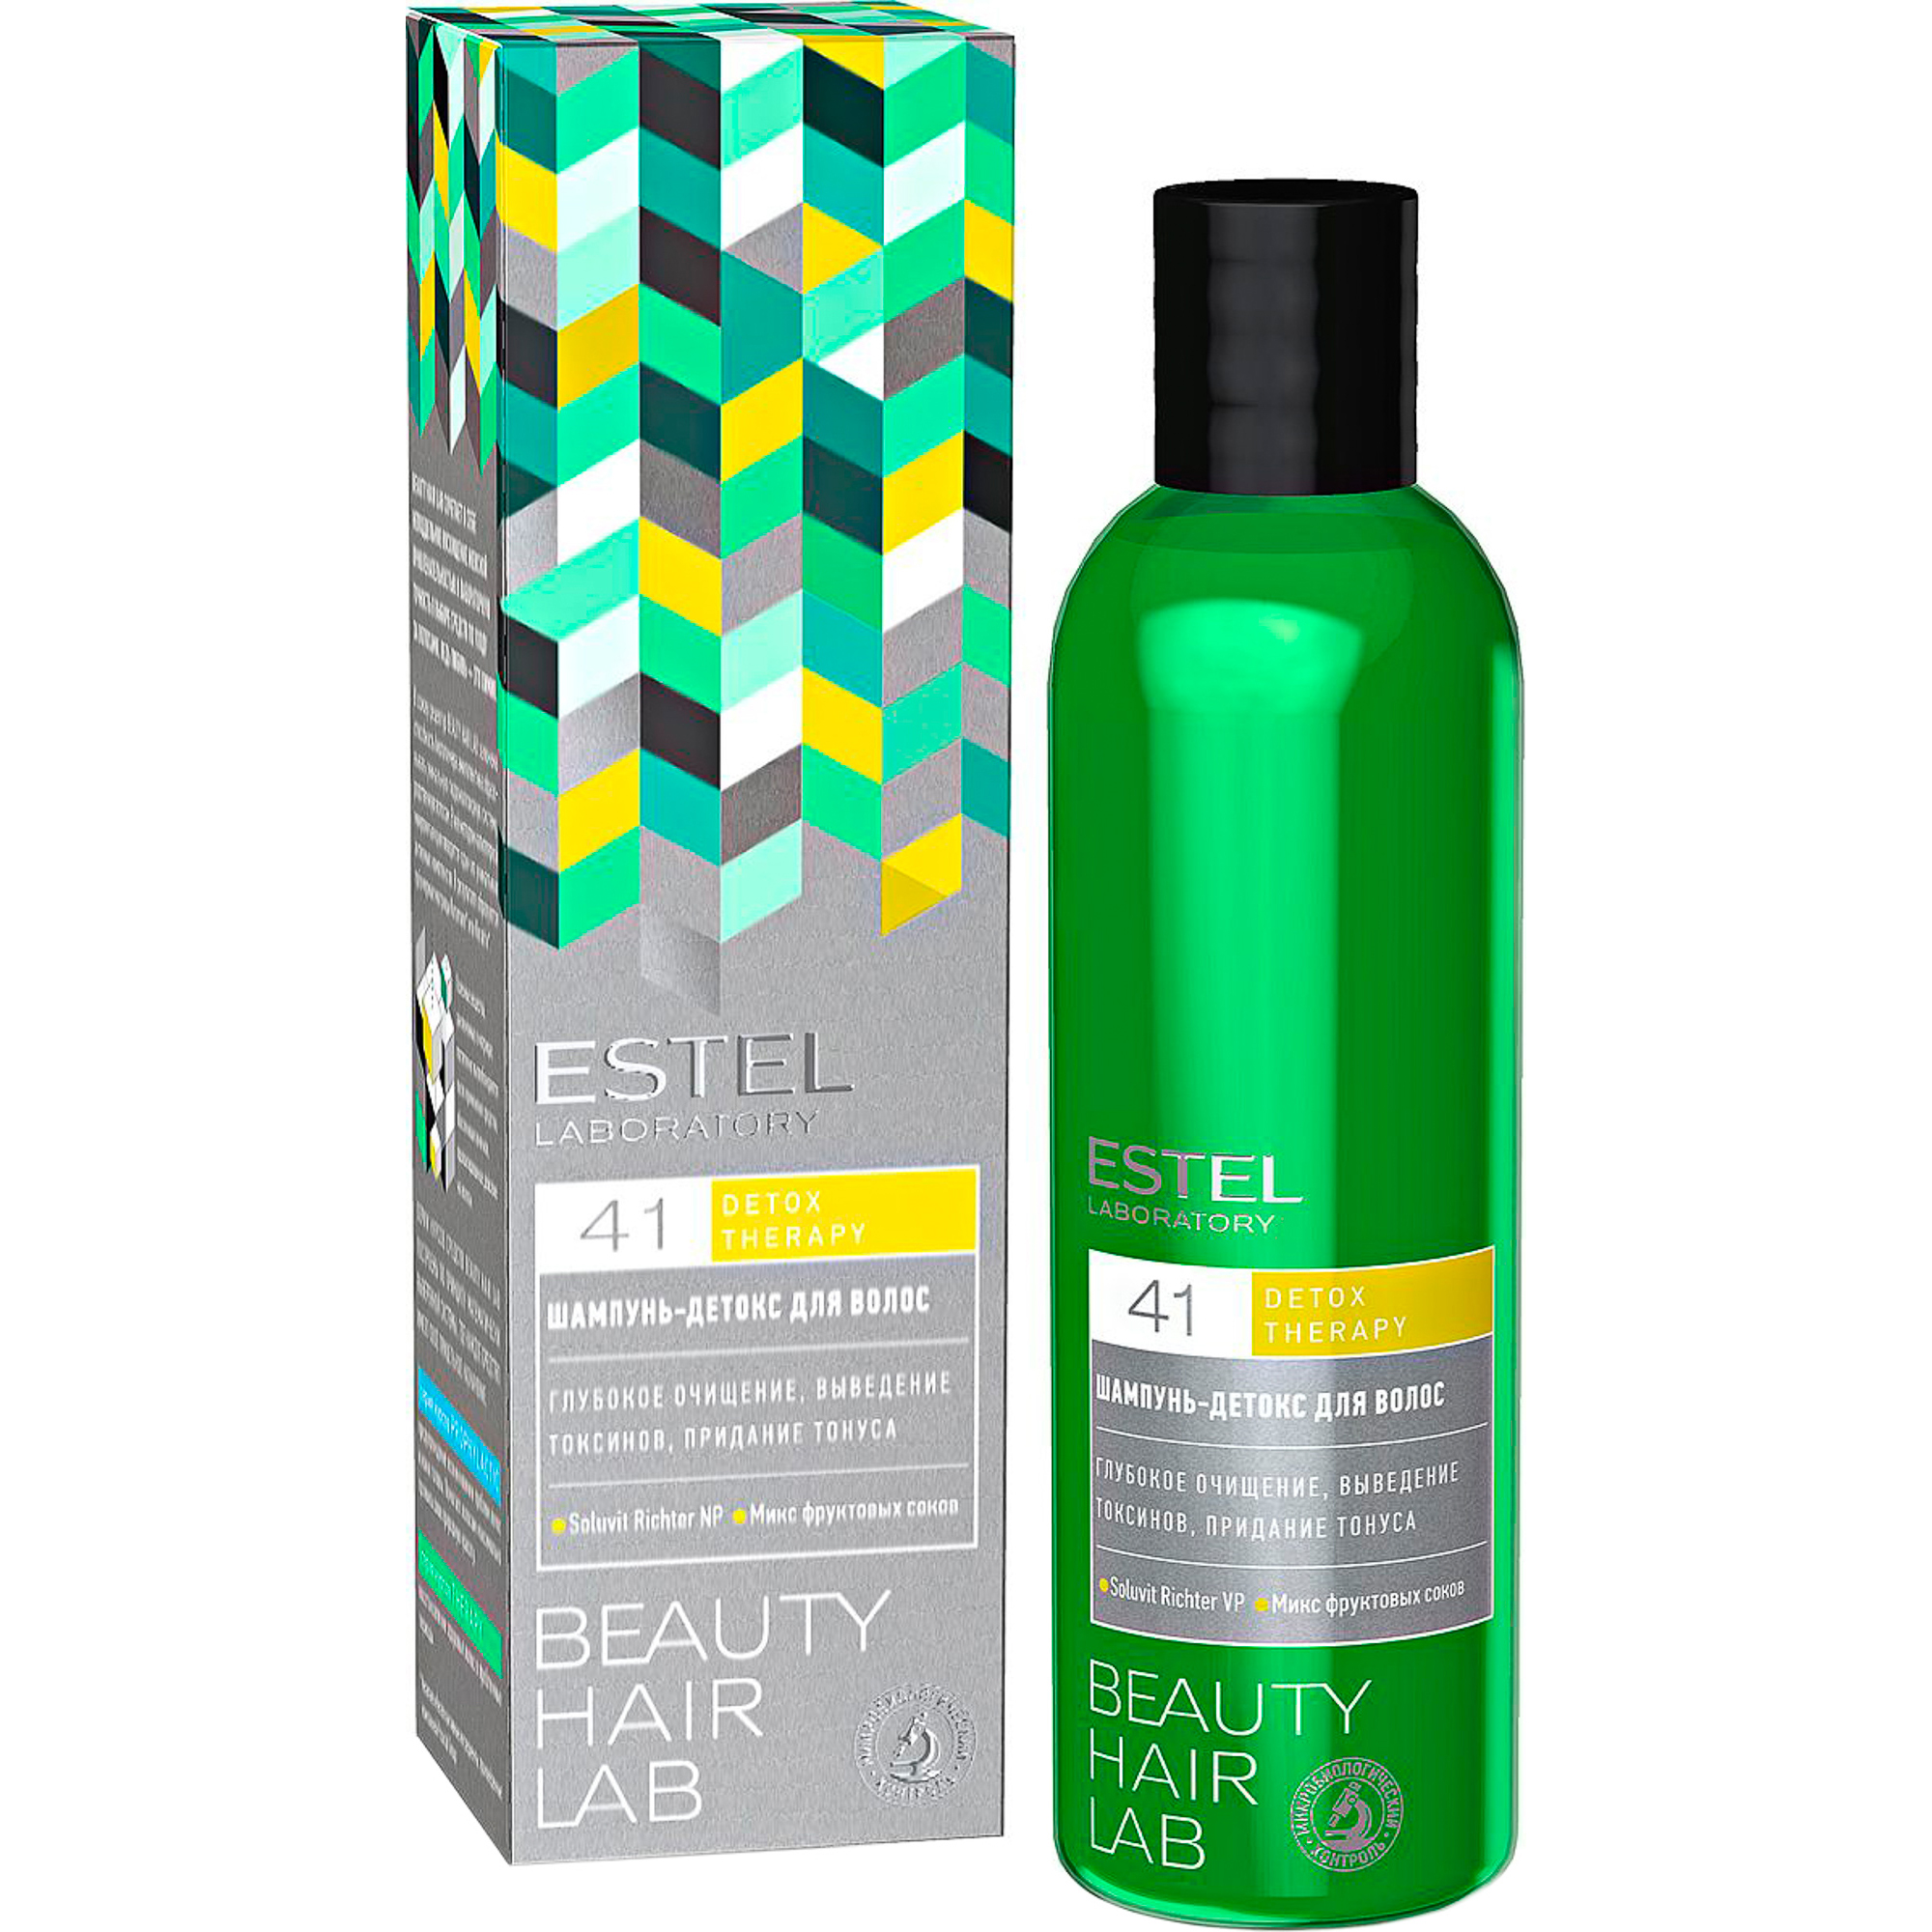 Шампунь-детокс для волос Estel Beauty Hair Lab 250 мл estel шампунь для волос luxury hair 1000 мл